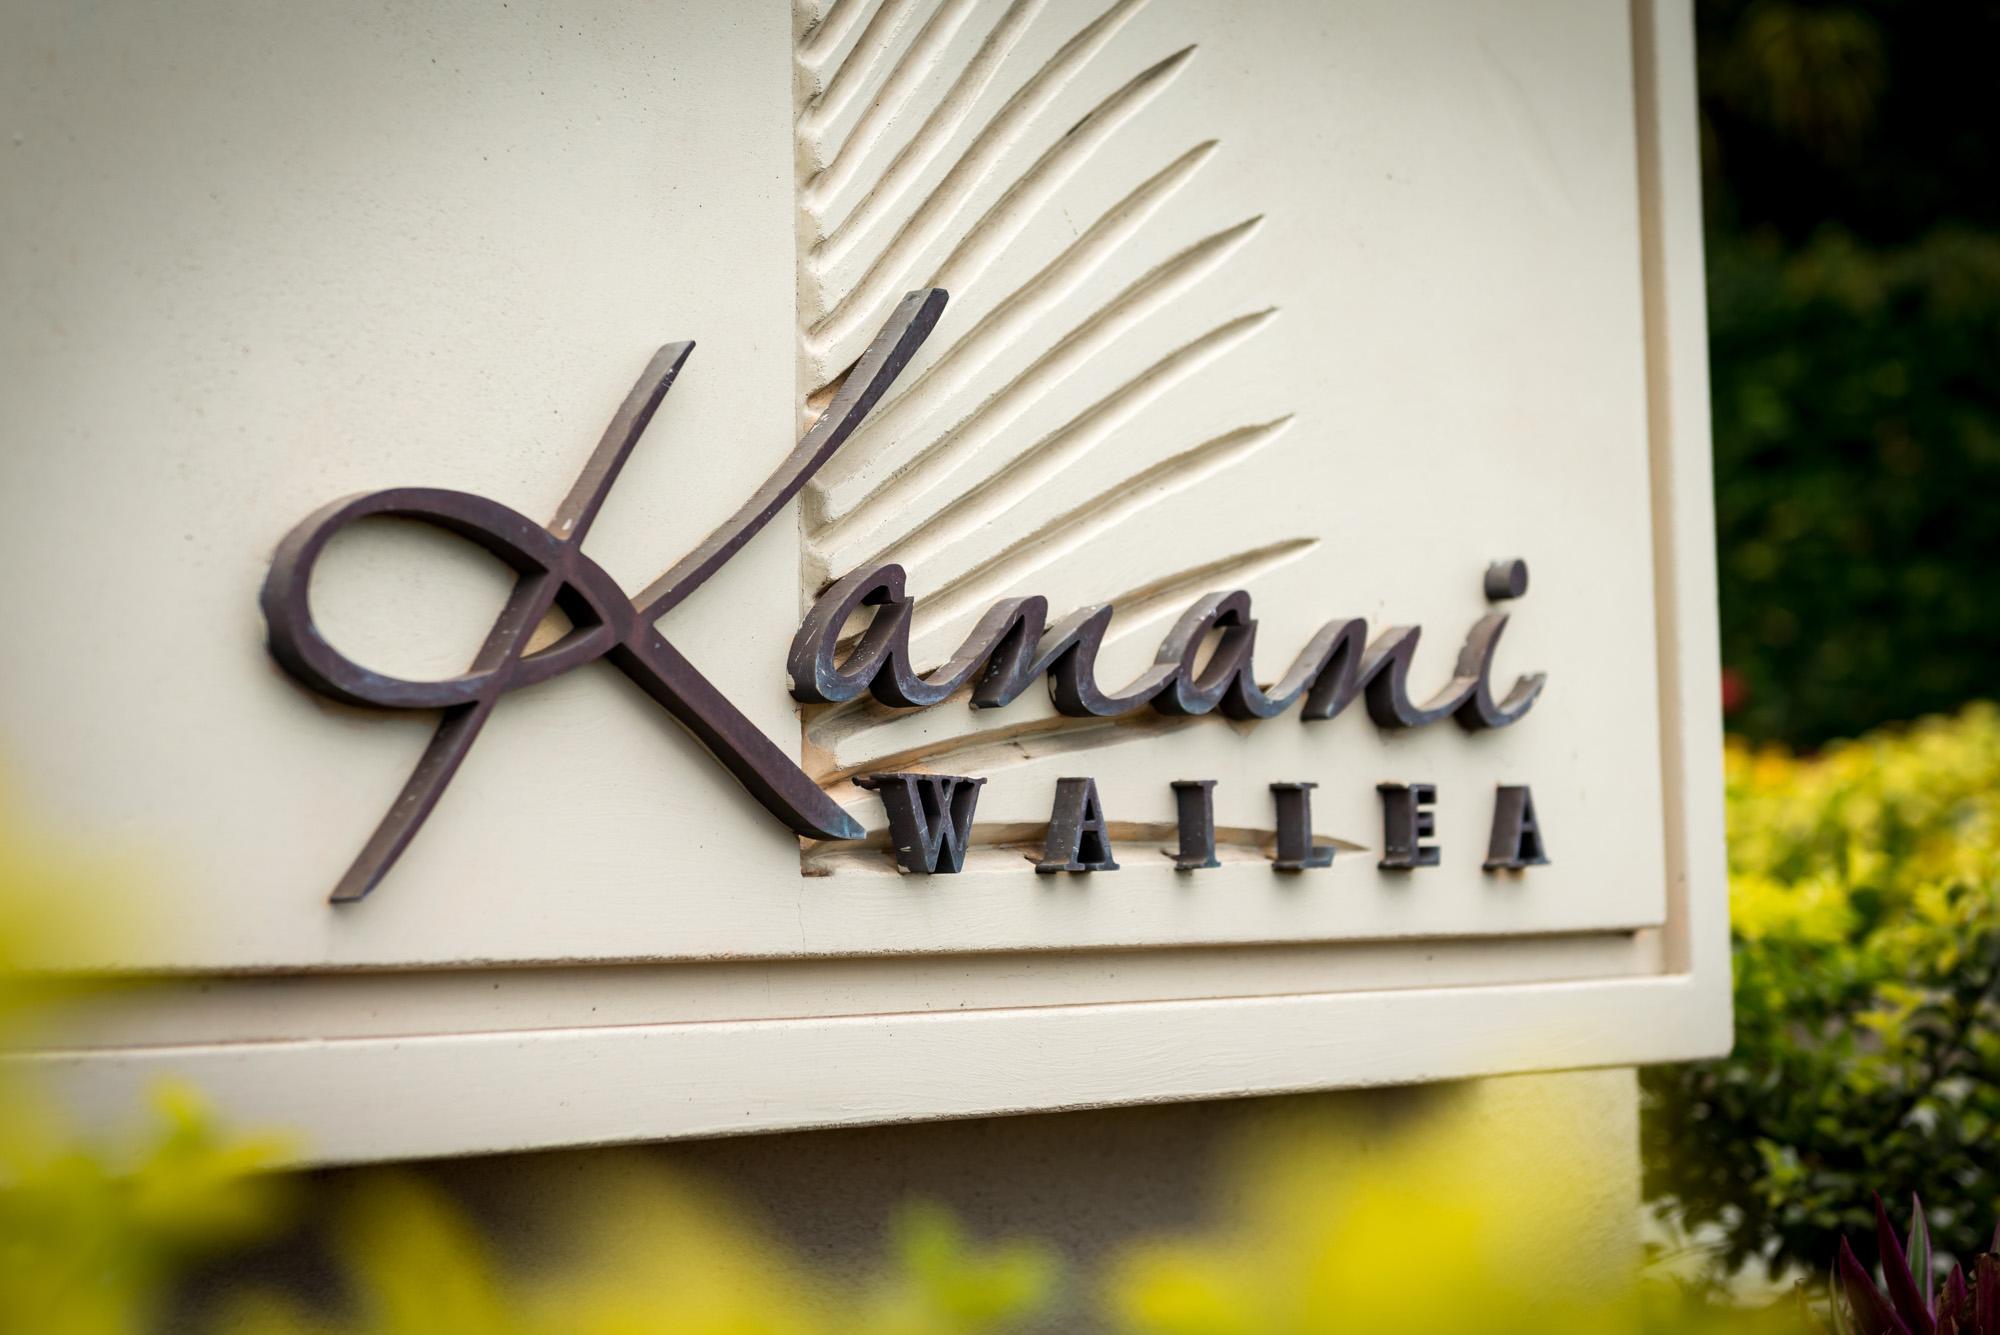 Kanani Wailea